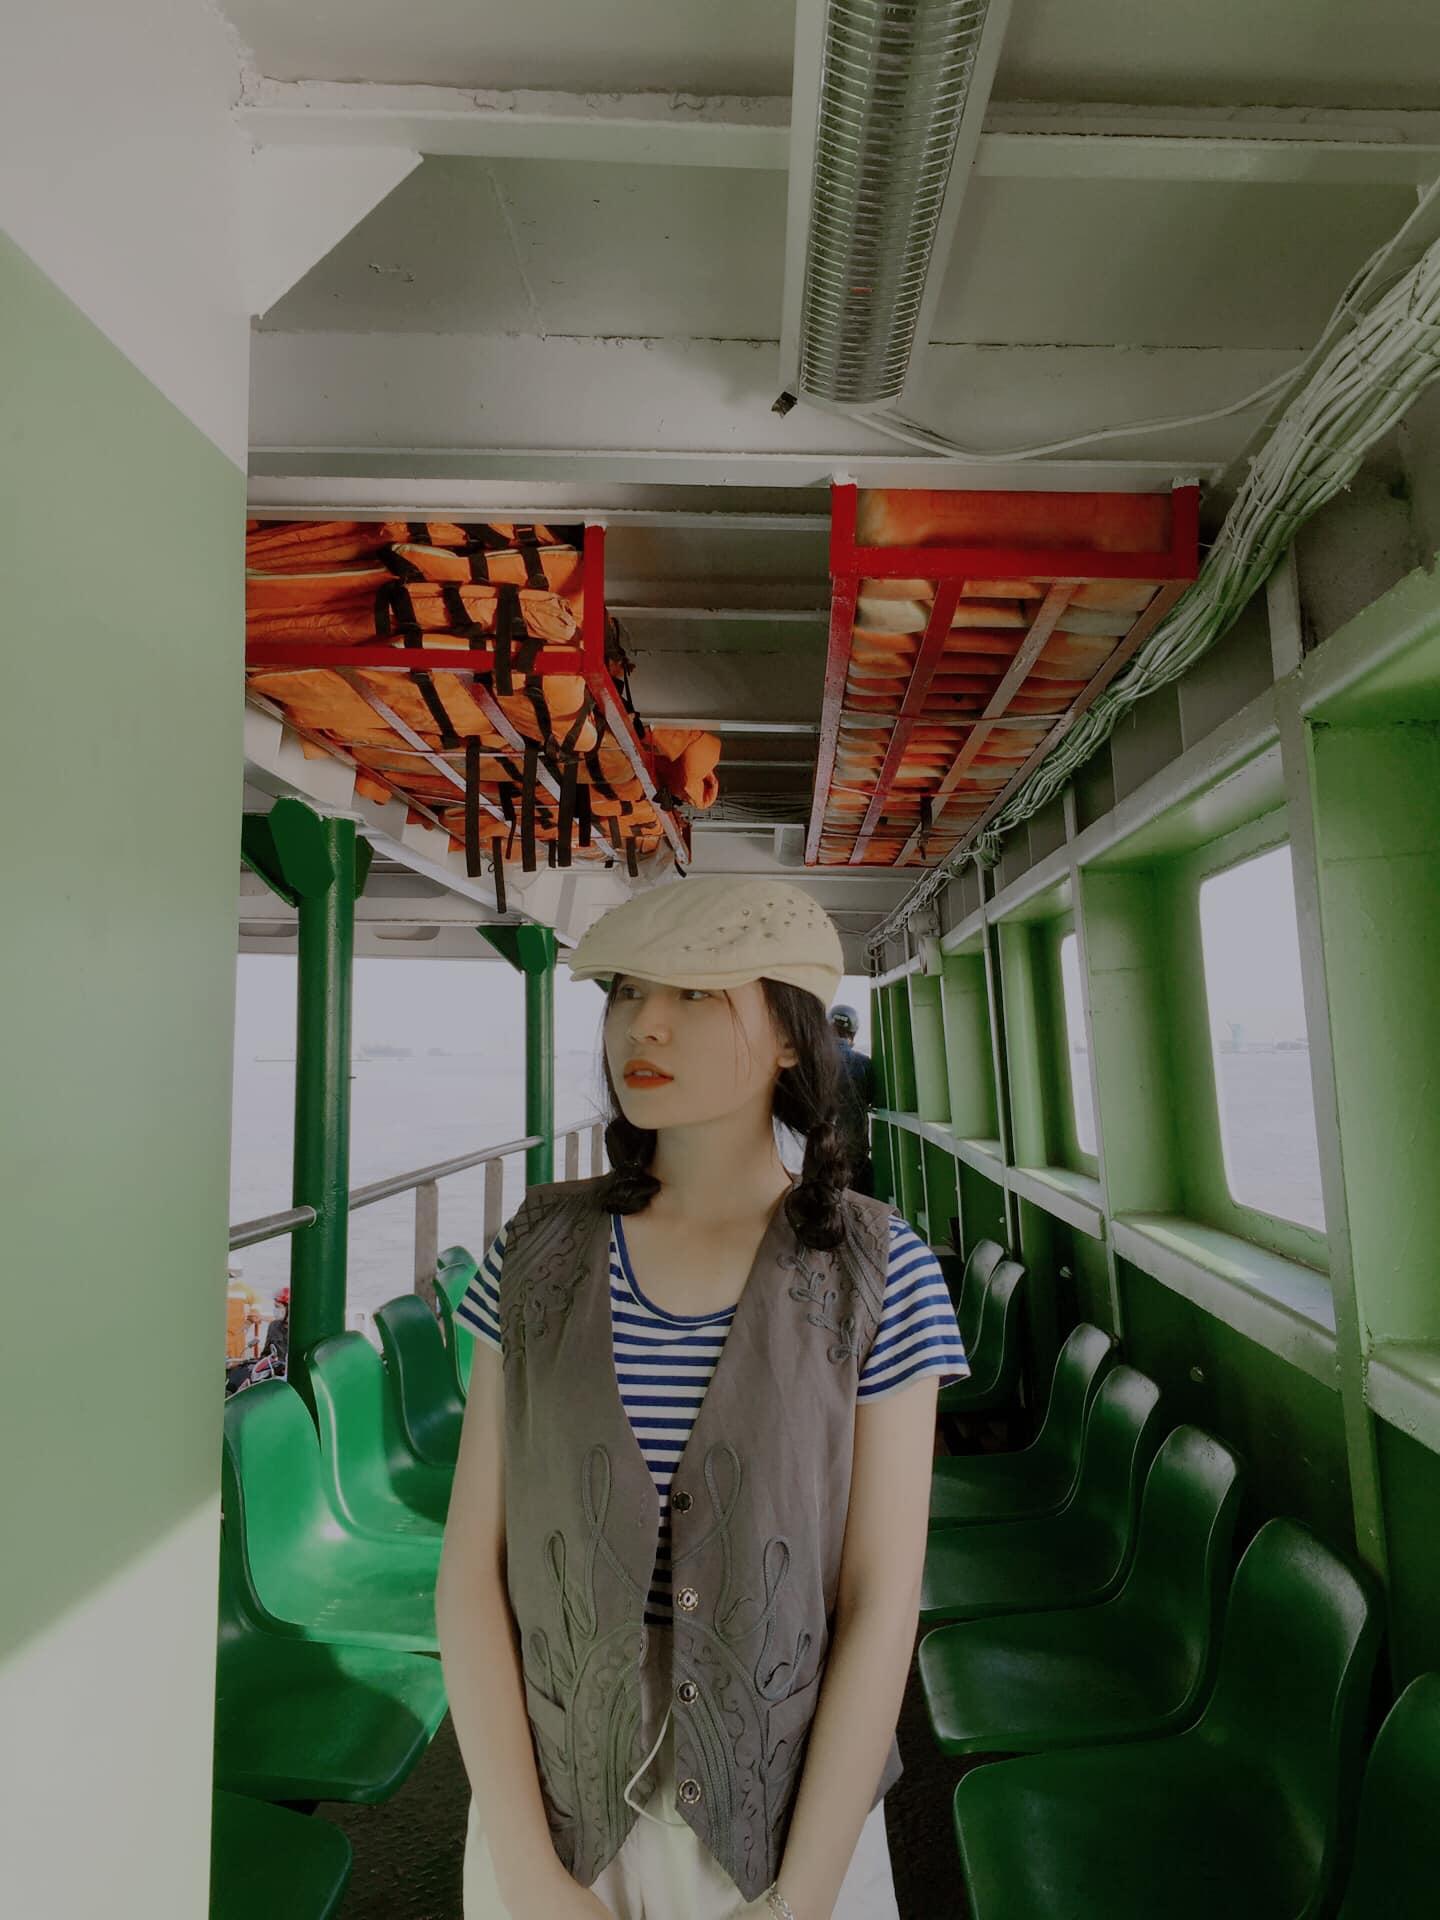 Trở thành hành khách trên phà đến Vũng Tàu để lưu ngay những khoảnh khác tuyệt vời - Nguồn ảnh: Lê Hiếu